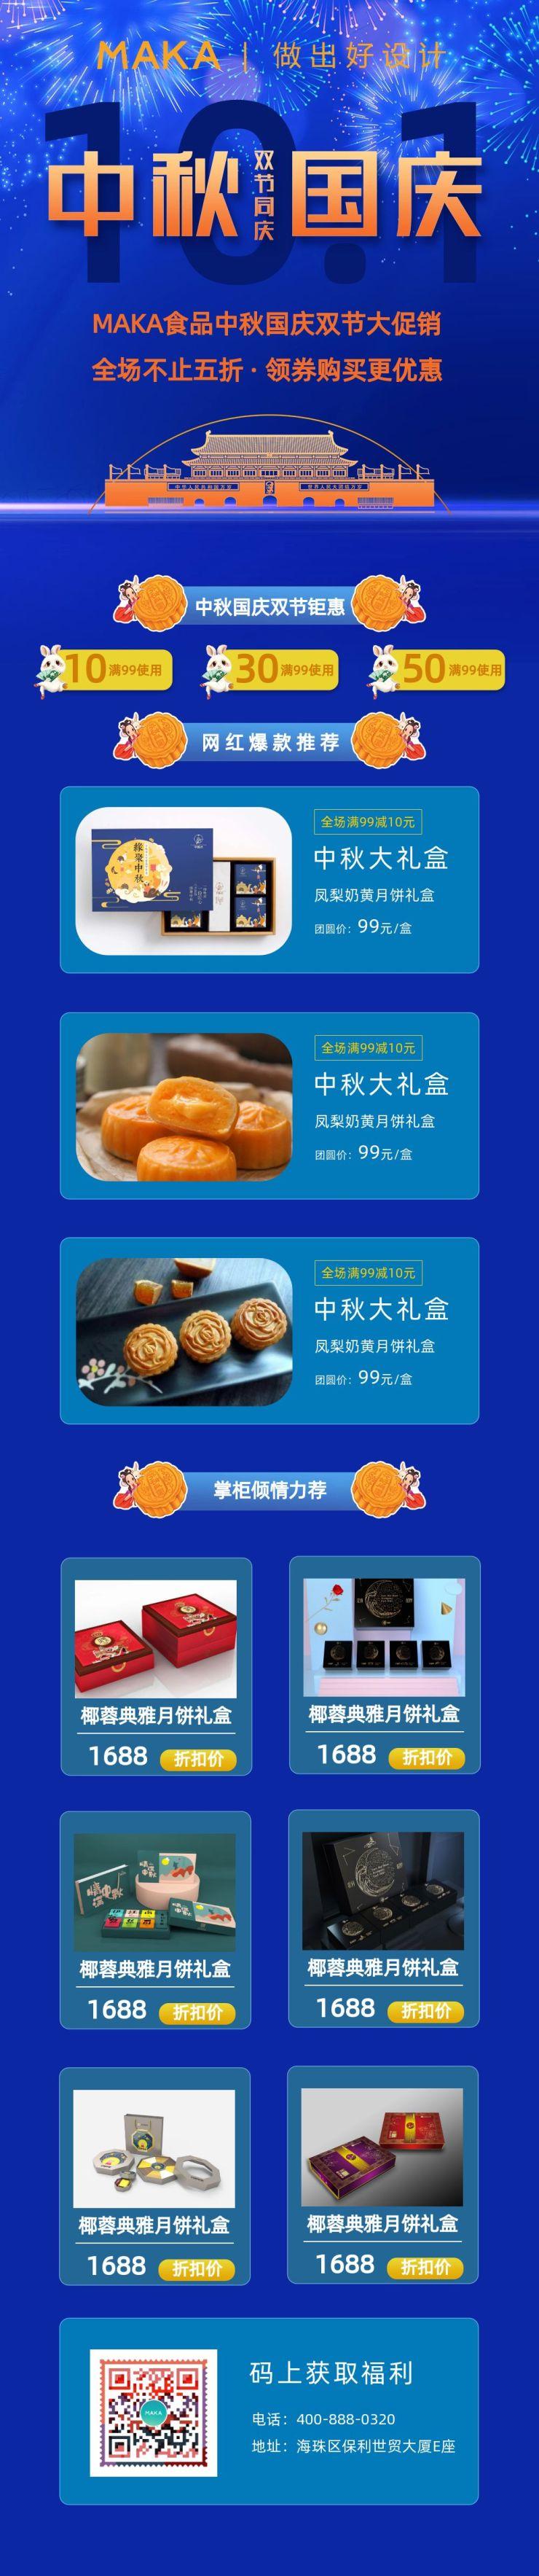 深蓝简约中秋国庆双节同庆月饼促销宣传文章长图